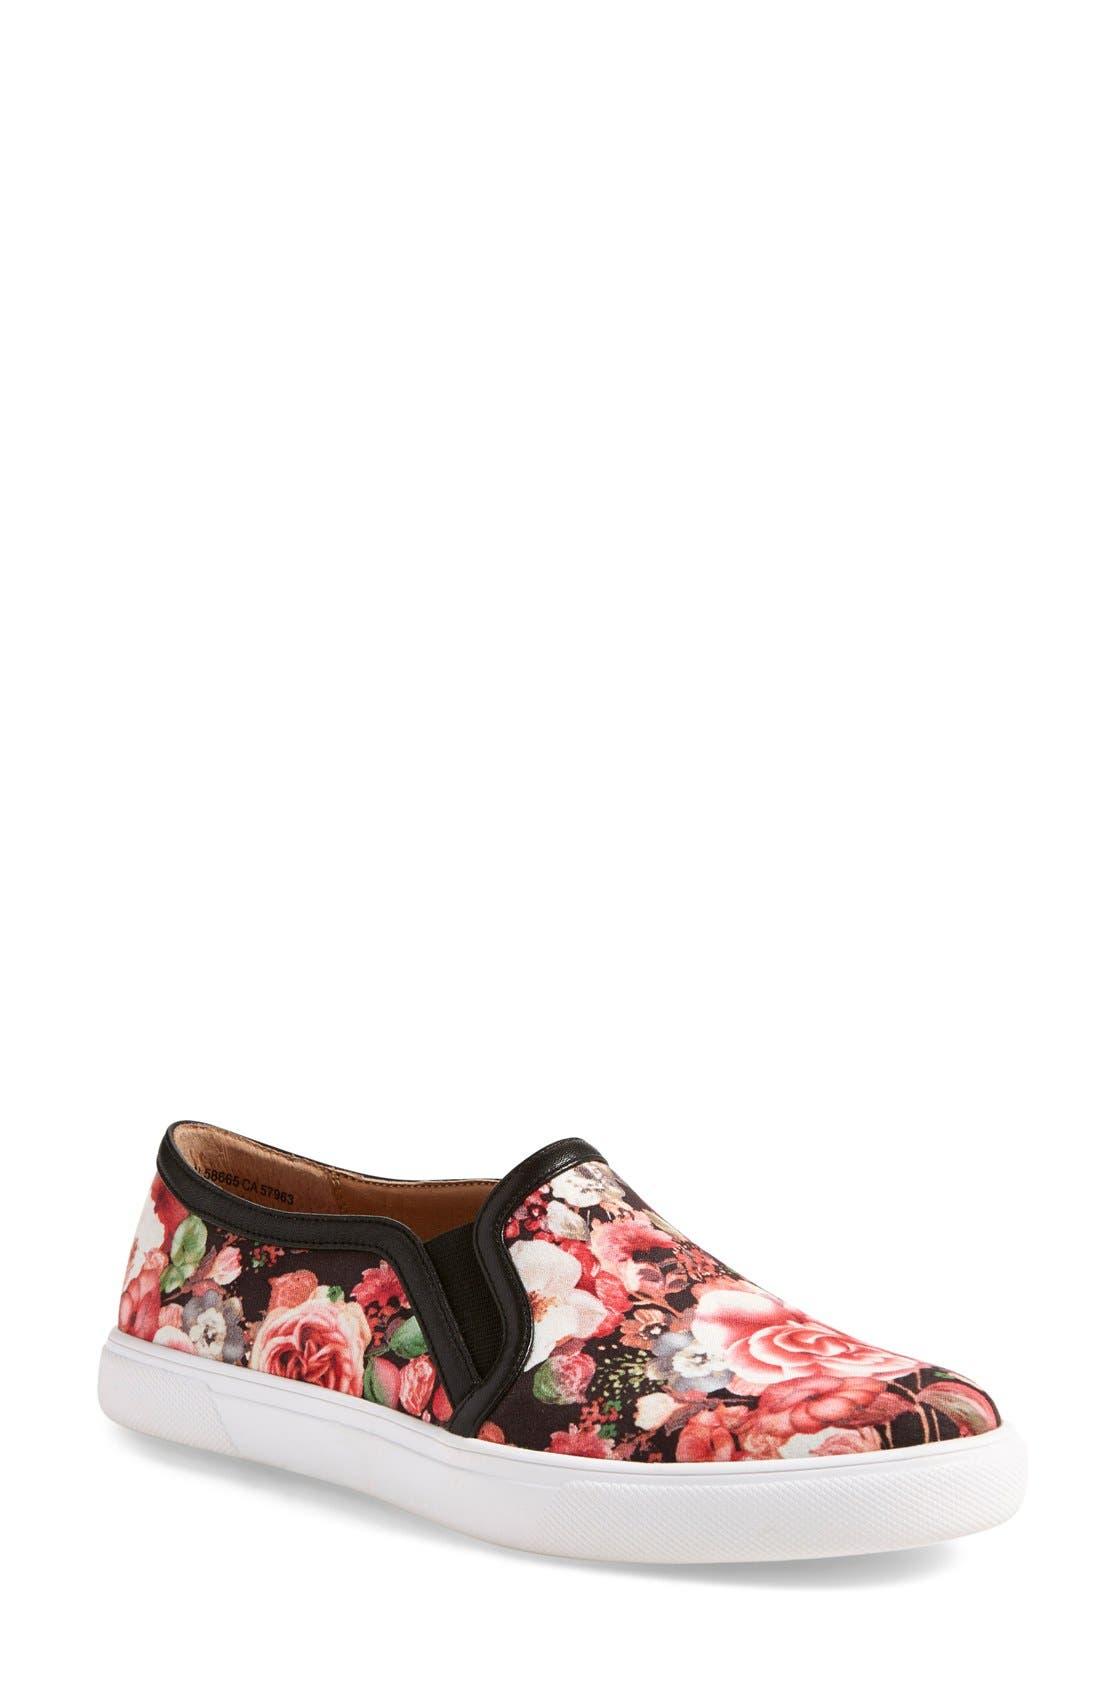 Main Image - Halogen® 'Turner' Slip-On Sneaker (Women)